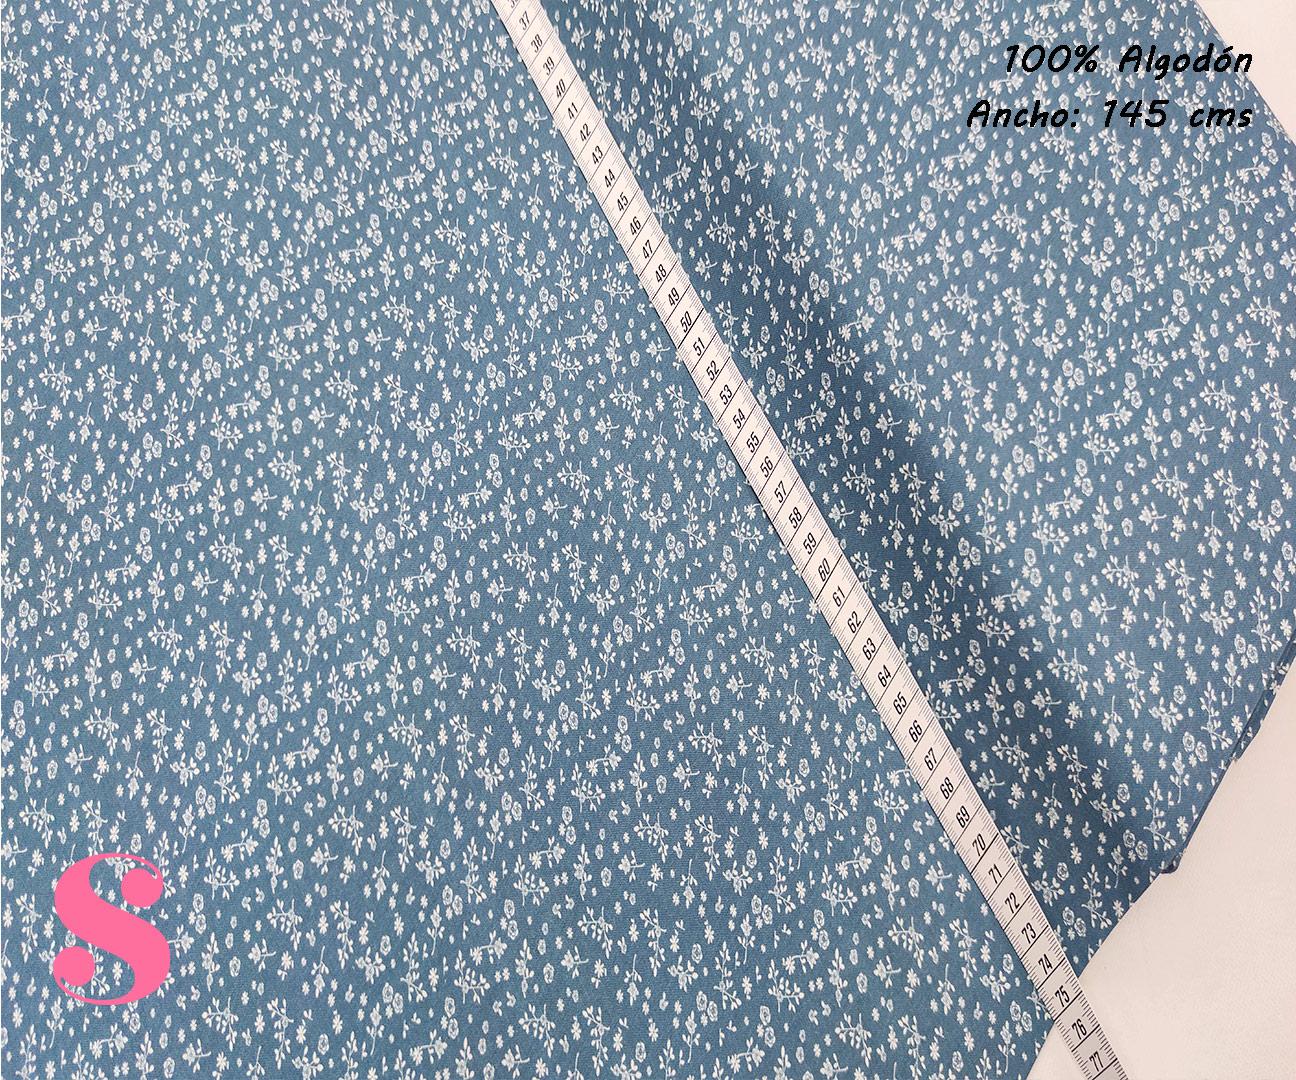 F23-florecitas-liberty-tono-azul-mujer-tejidos-algodón-estampado-popelin,Tejido Estampado Florecitas Liberty Fondo Azul E4